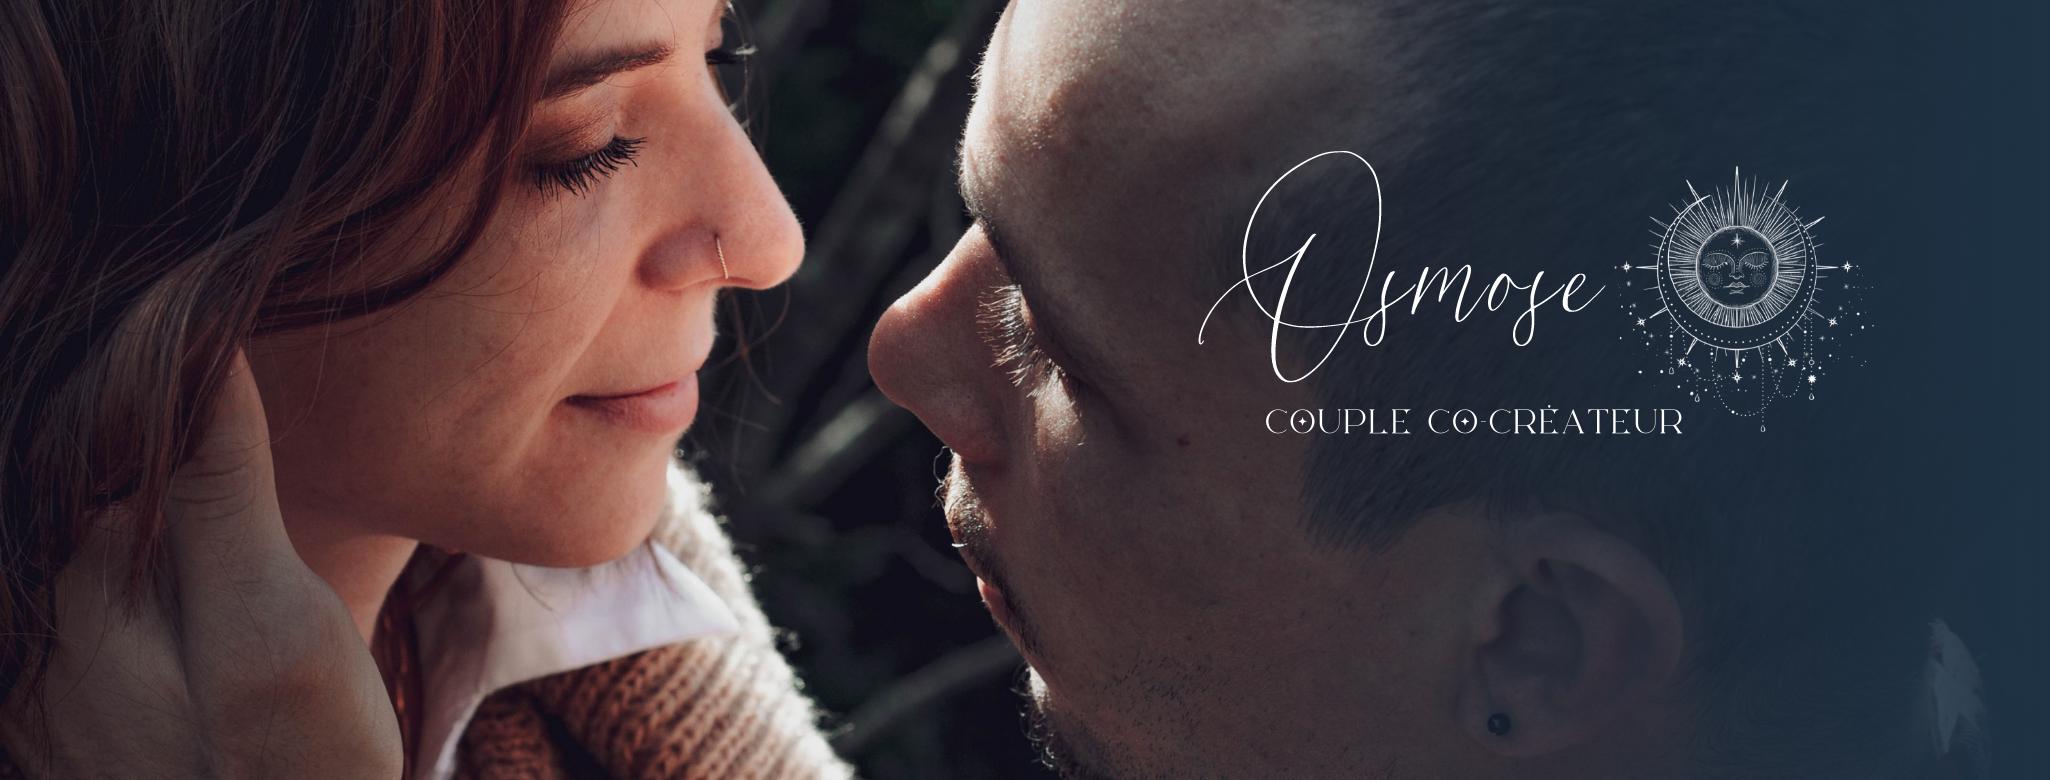 Bannière Osmose programme couple co-créateur